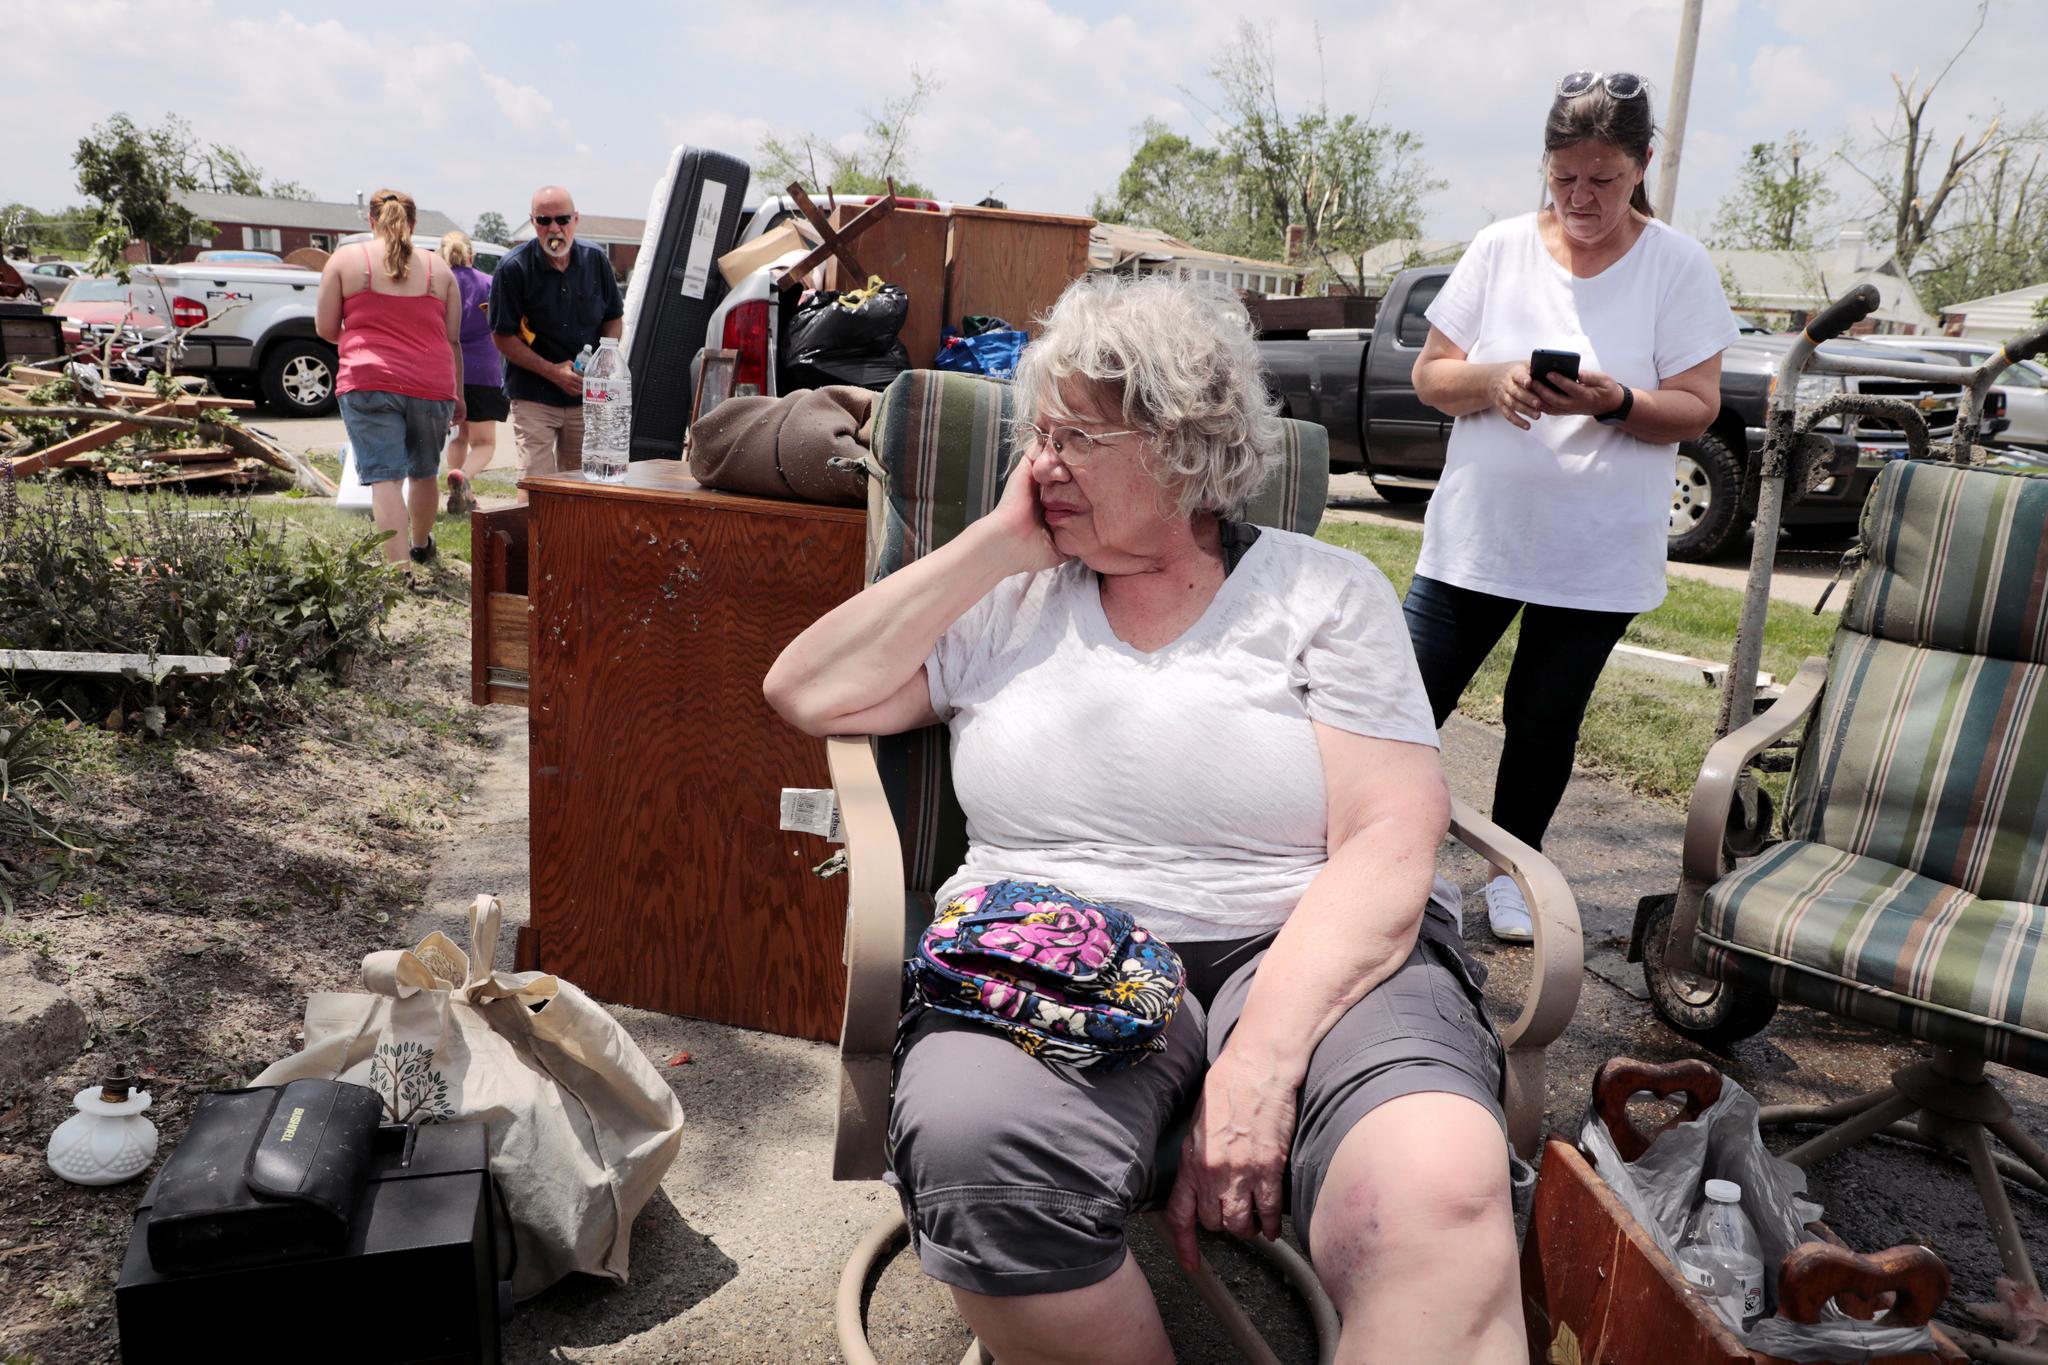 28일(현지시간) 미 오하이오주 데이턴 지역에 발생한 토네이도로 집이 파손된 가운데 한 주민이 생각에 잠겨 있다. [로이터=연합뉴스]